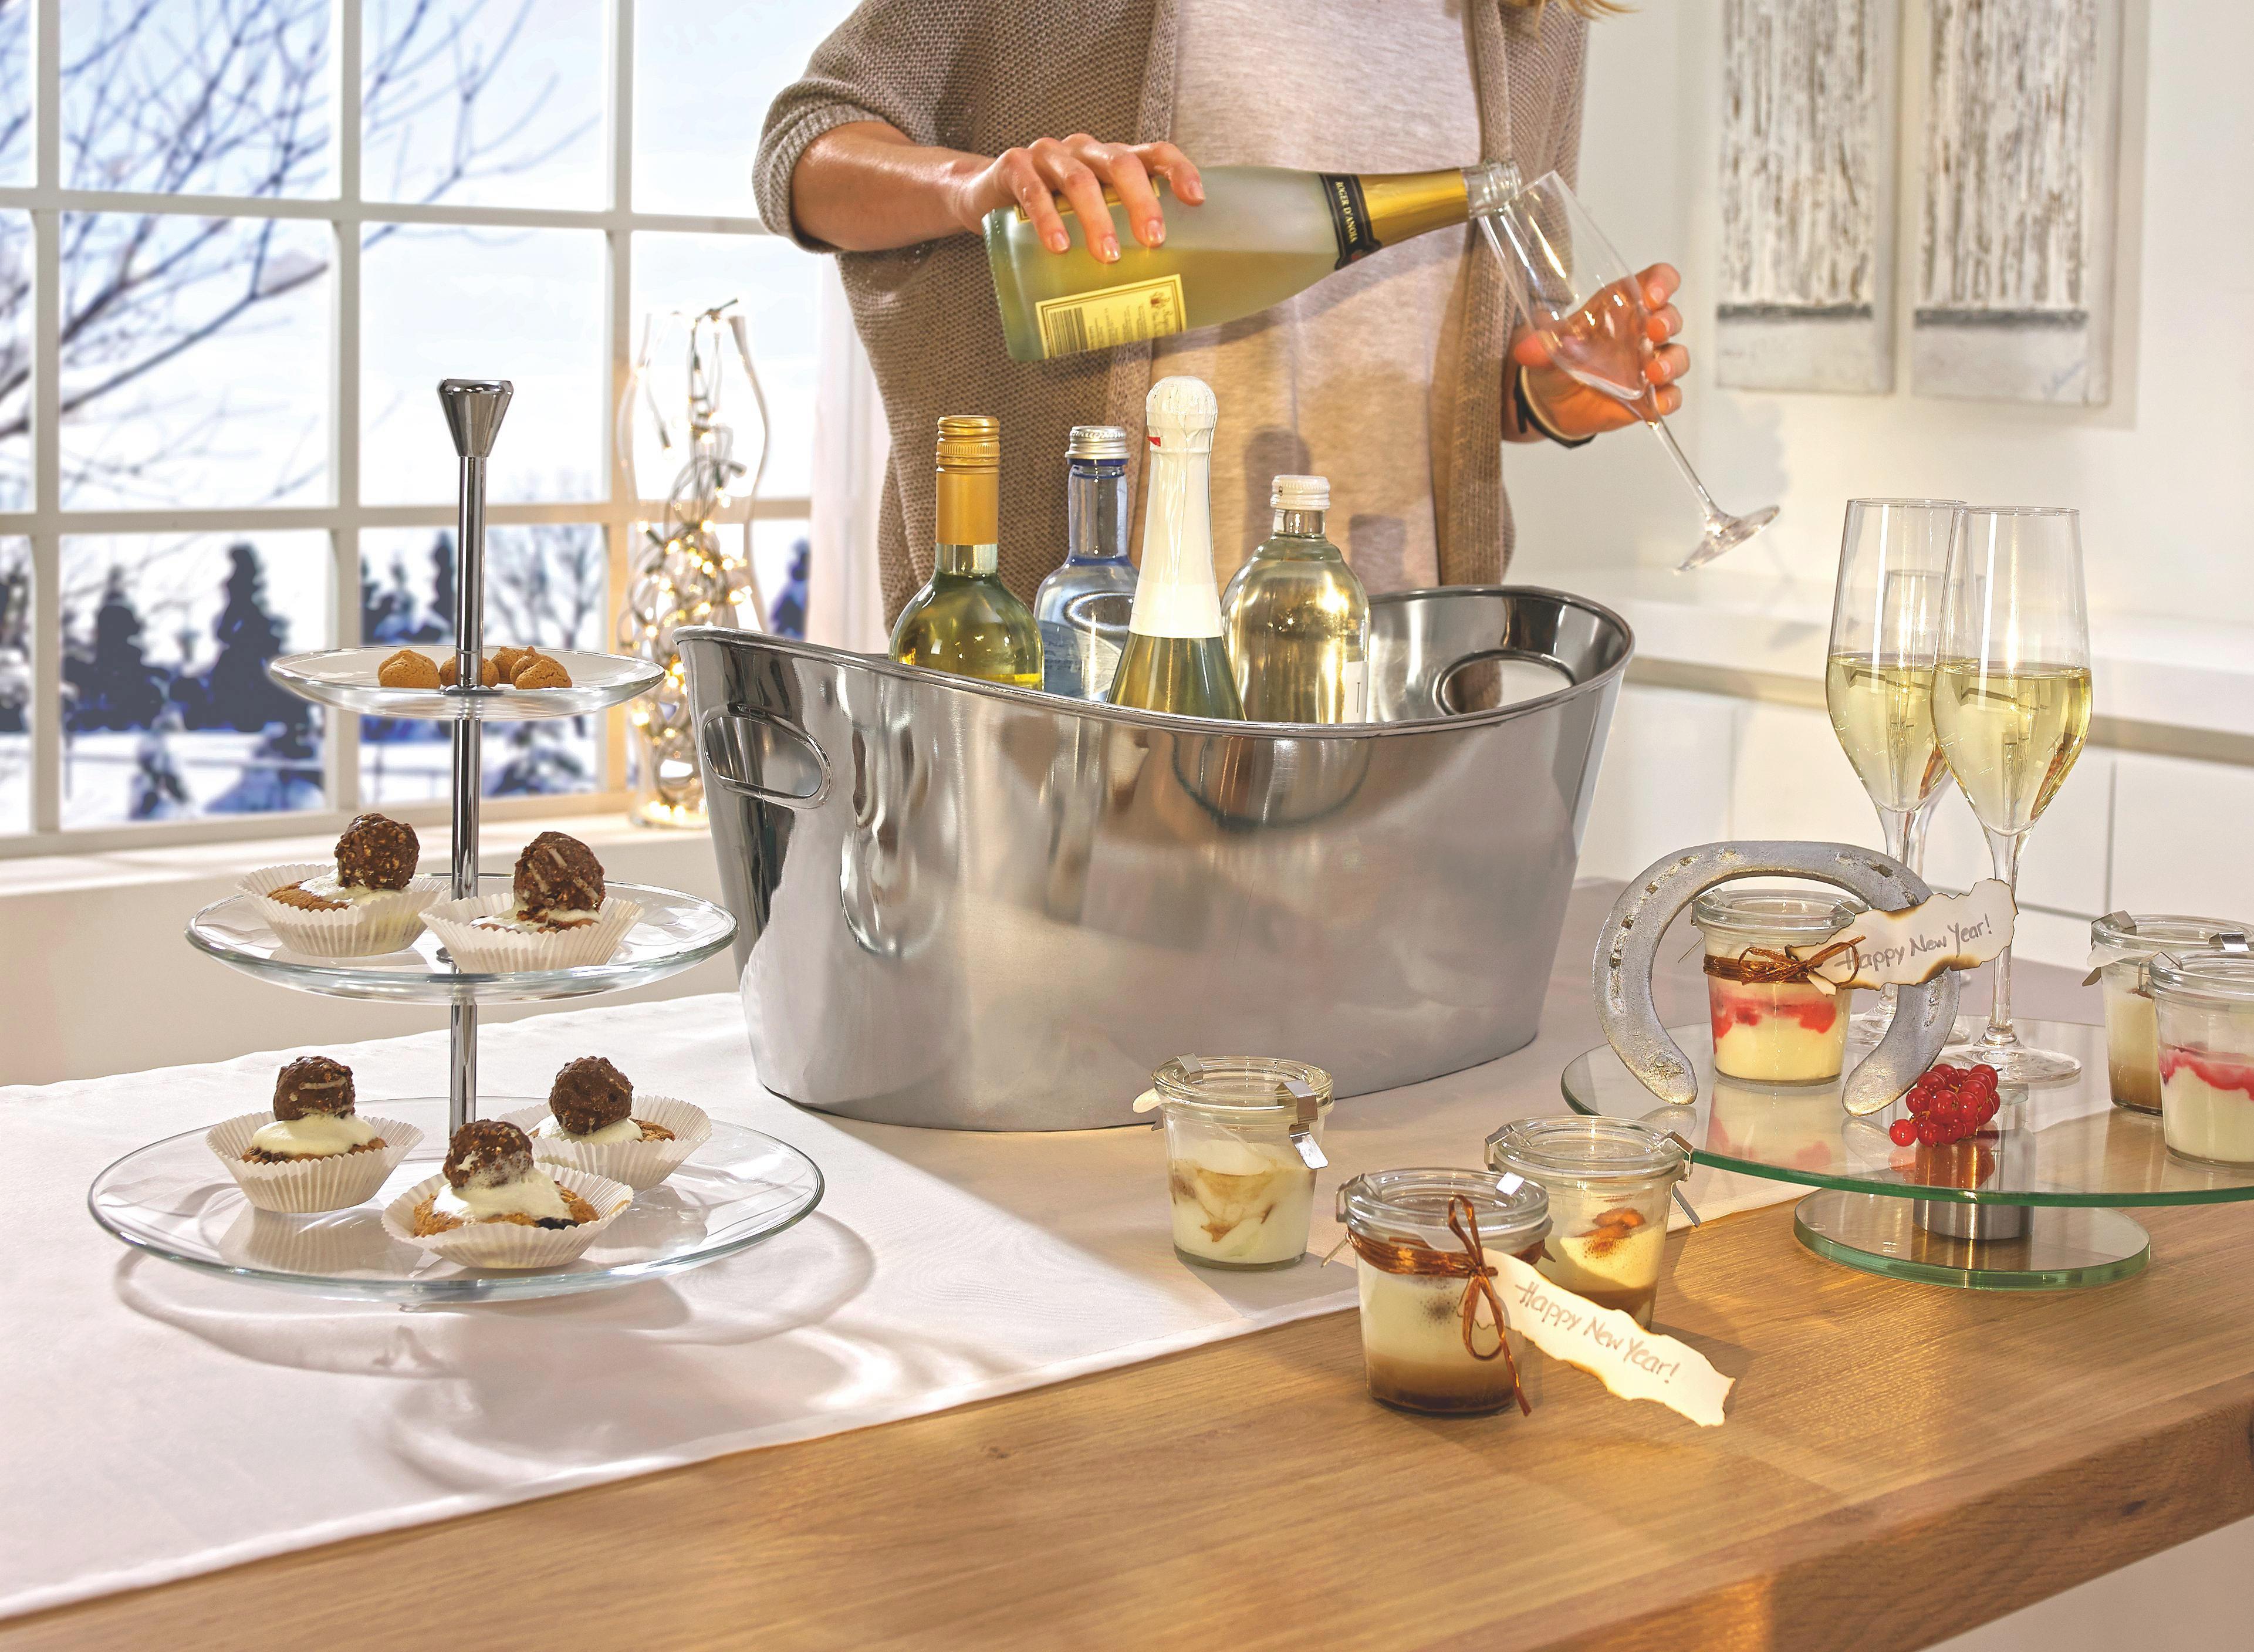 Ziemlich Kühler Küchenhelfer 2013 Ideen - Küche Set Ideen ...